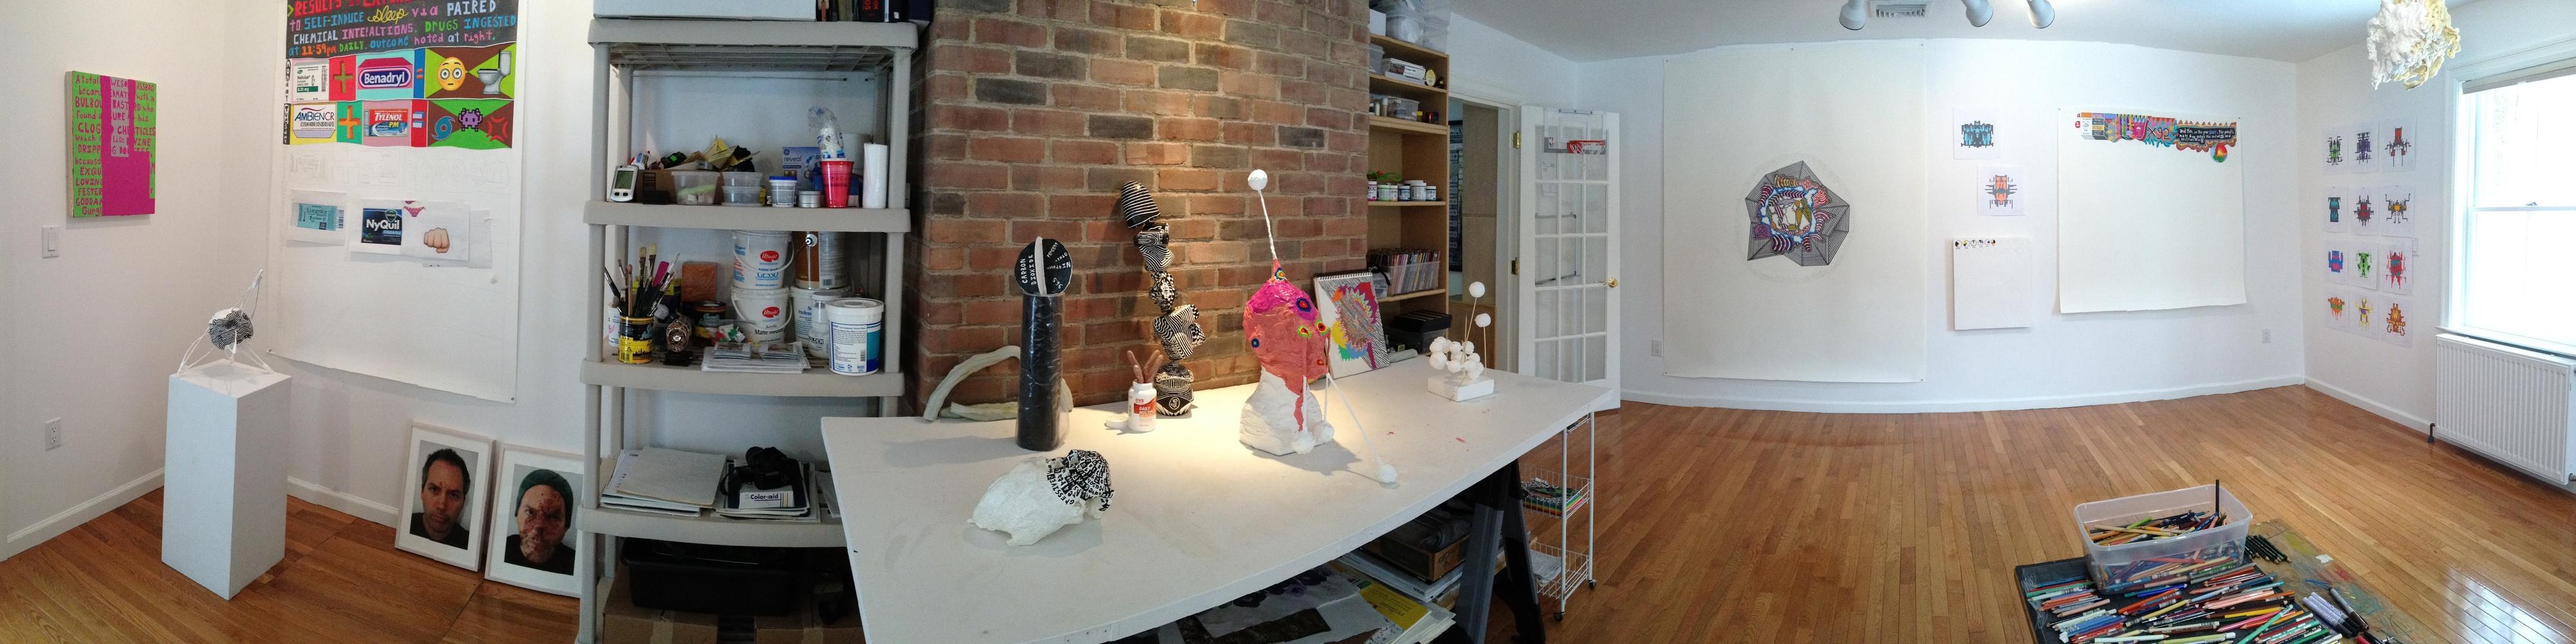 Studio View 2